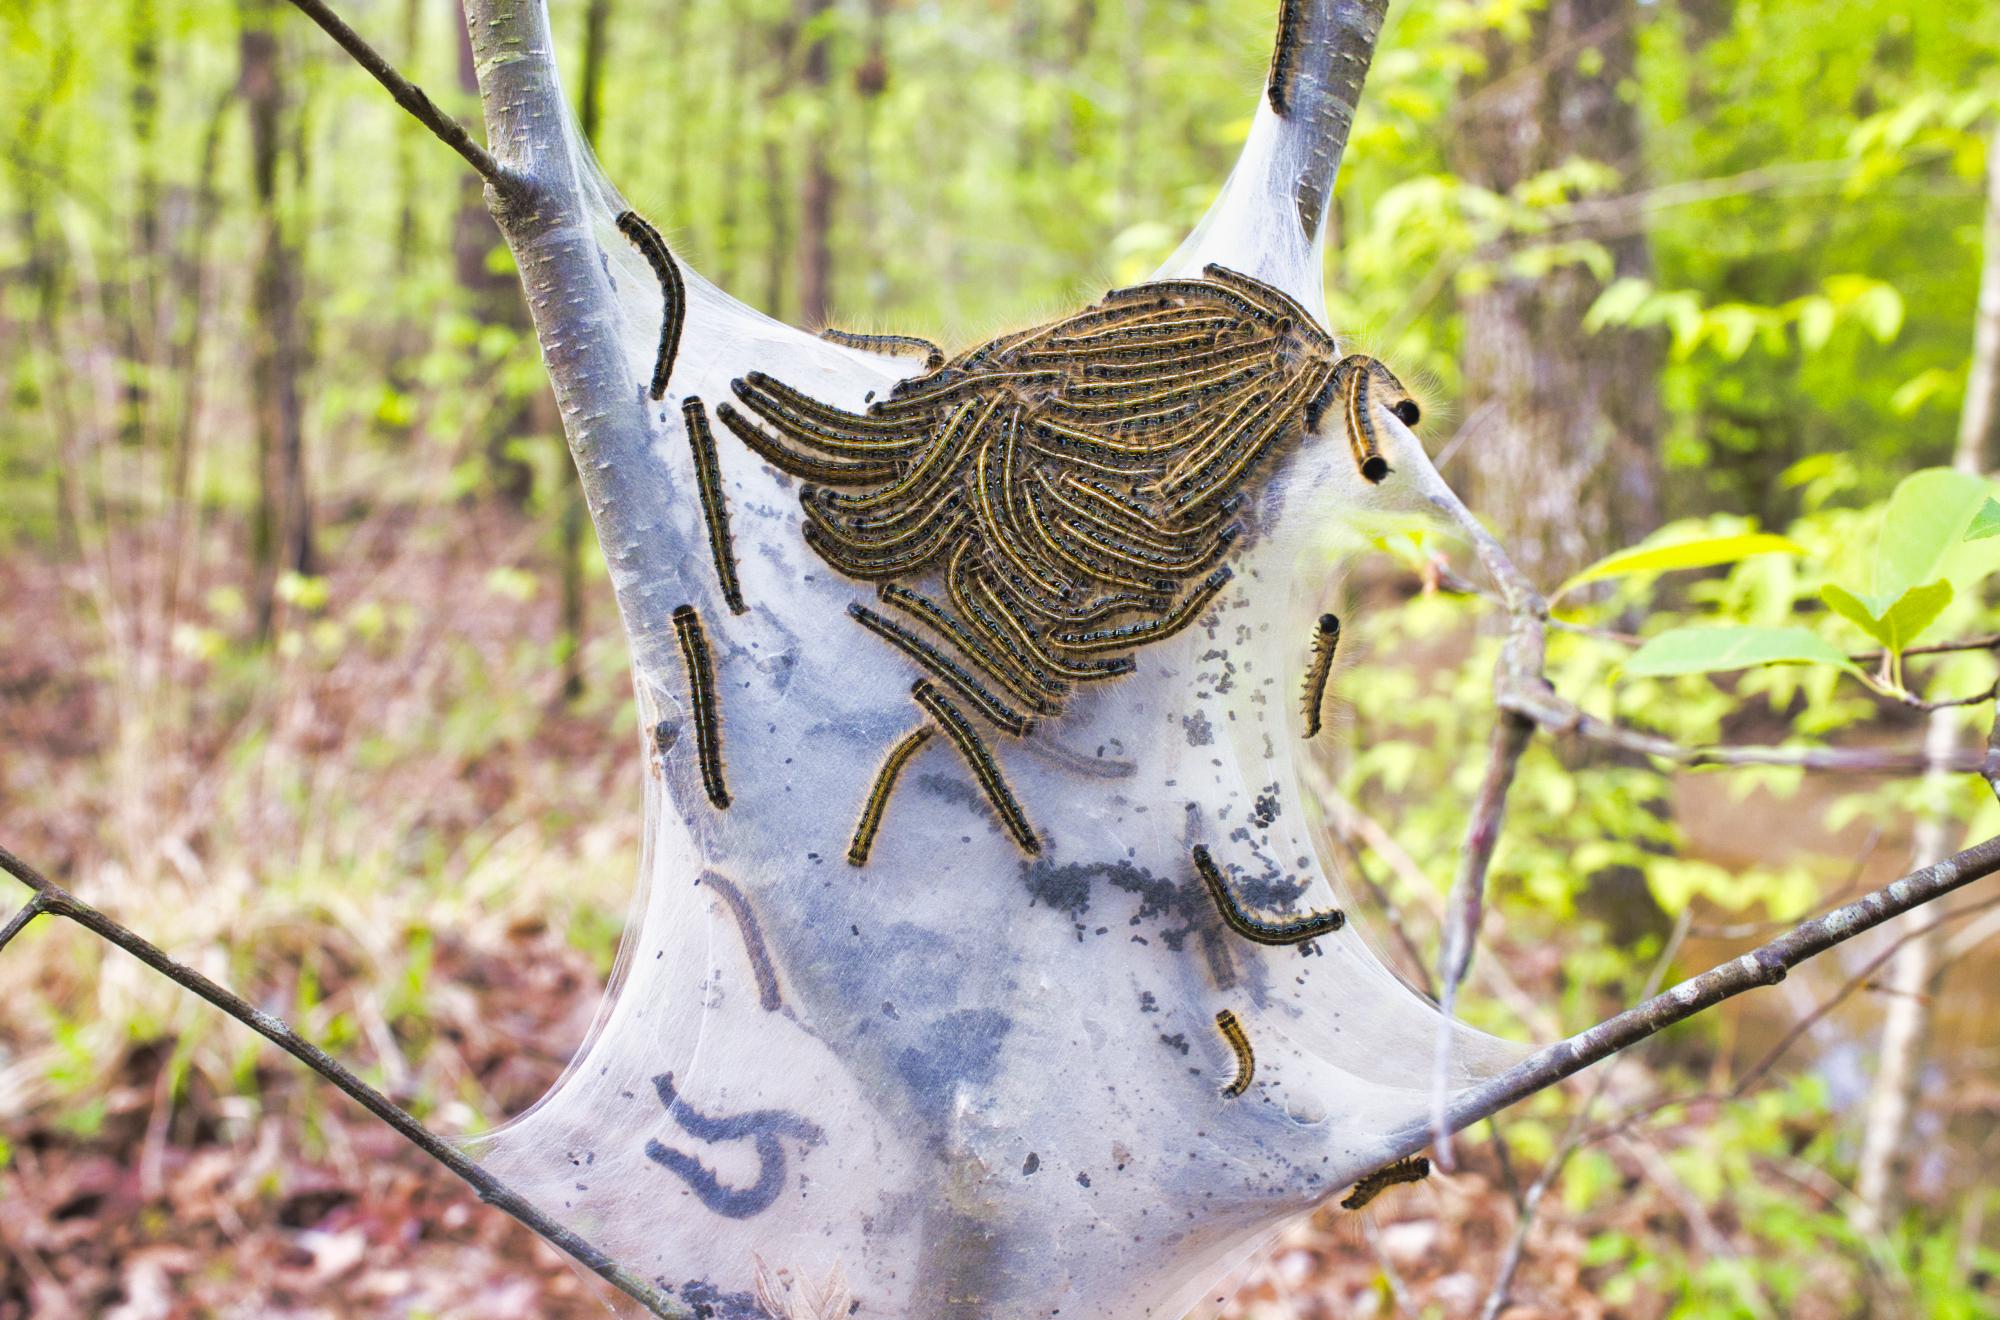 Eastern Tent Caterpillars - Ouachita National Forest - Arkansas